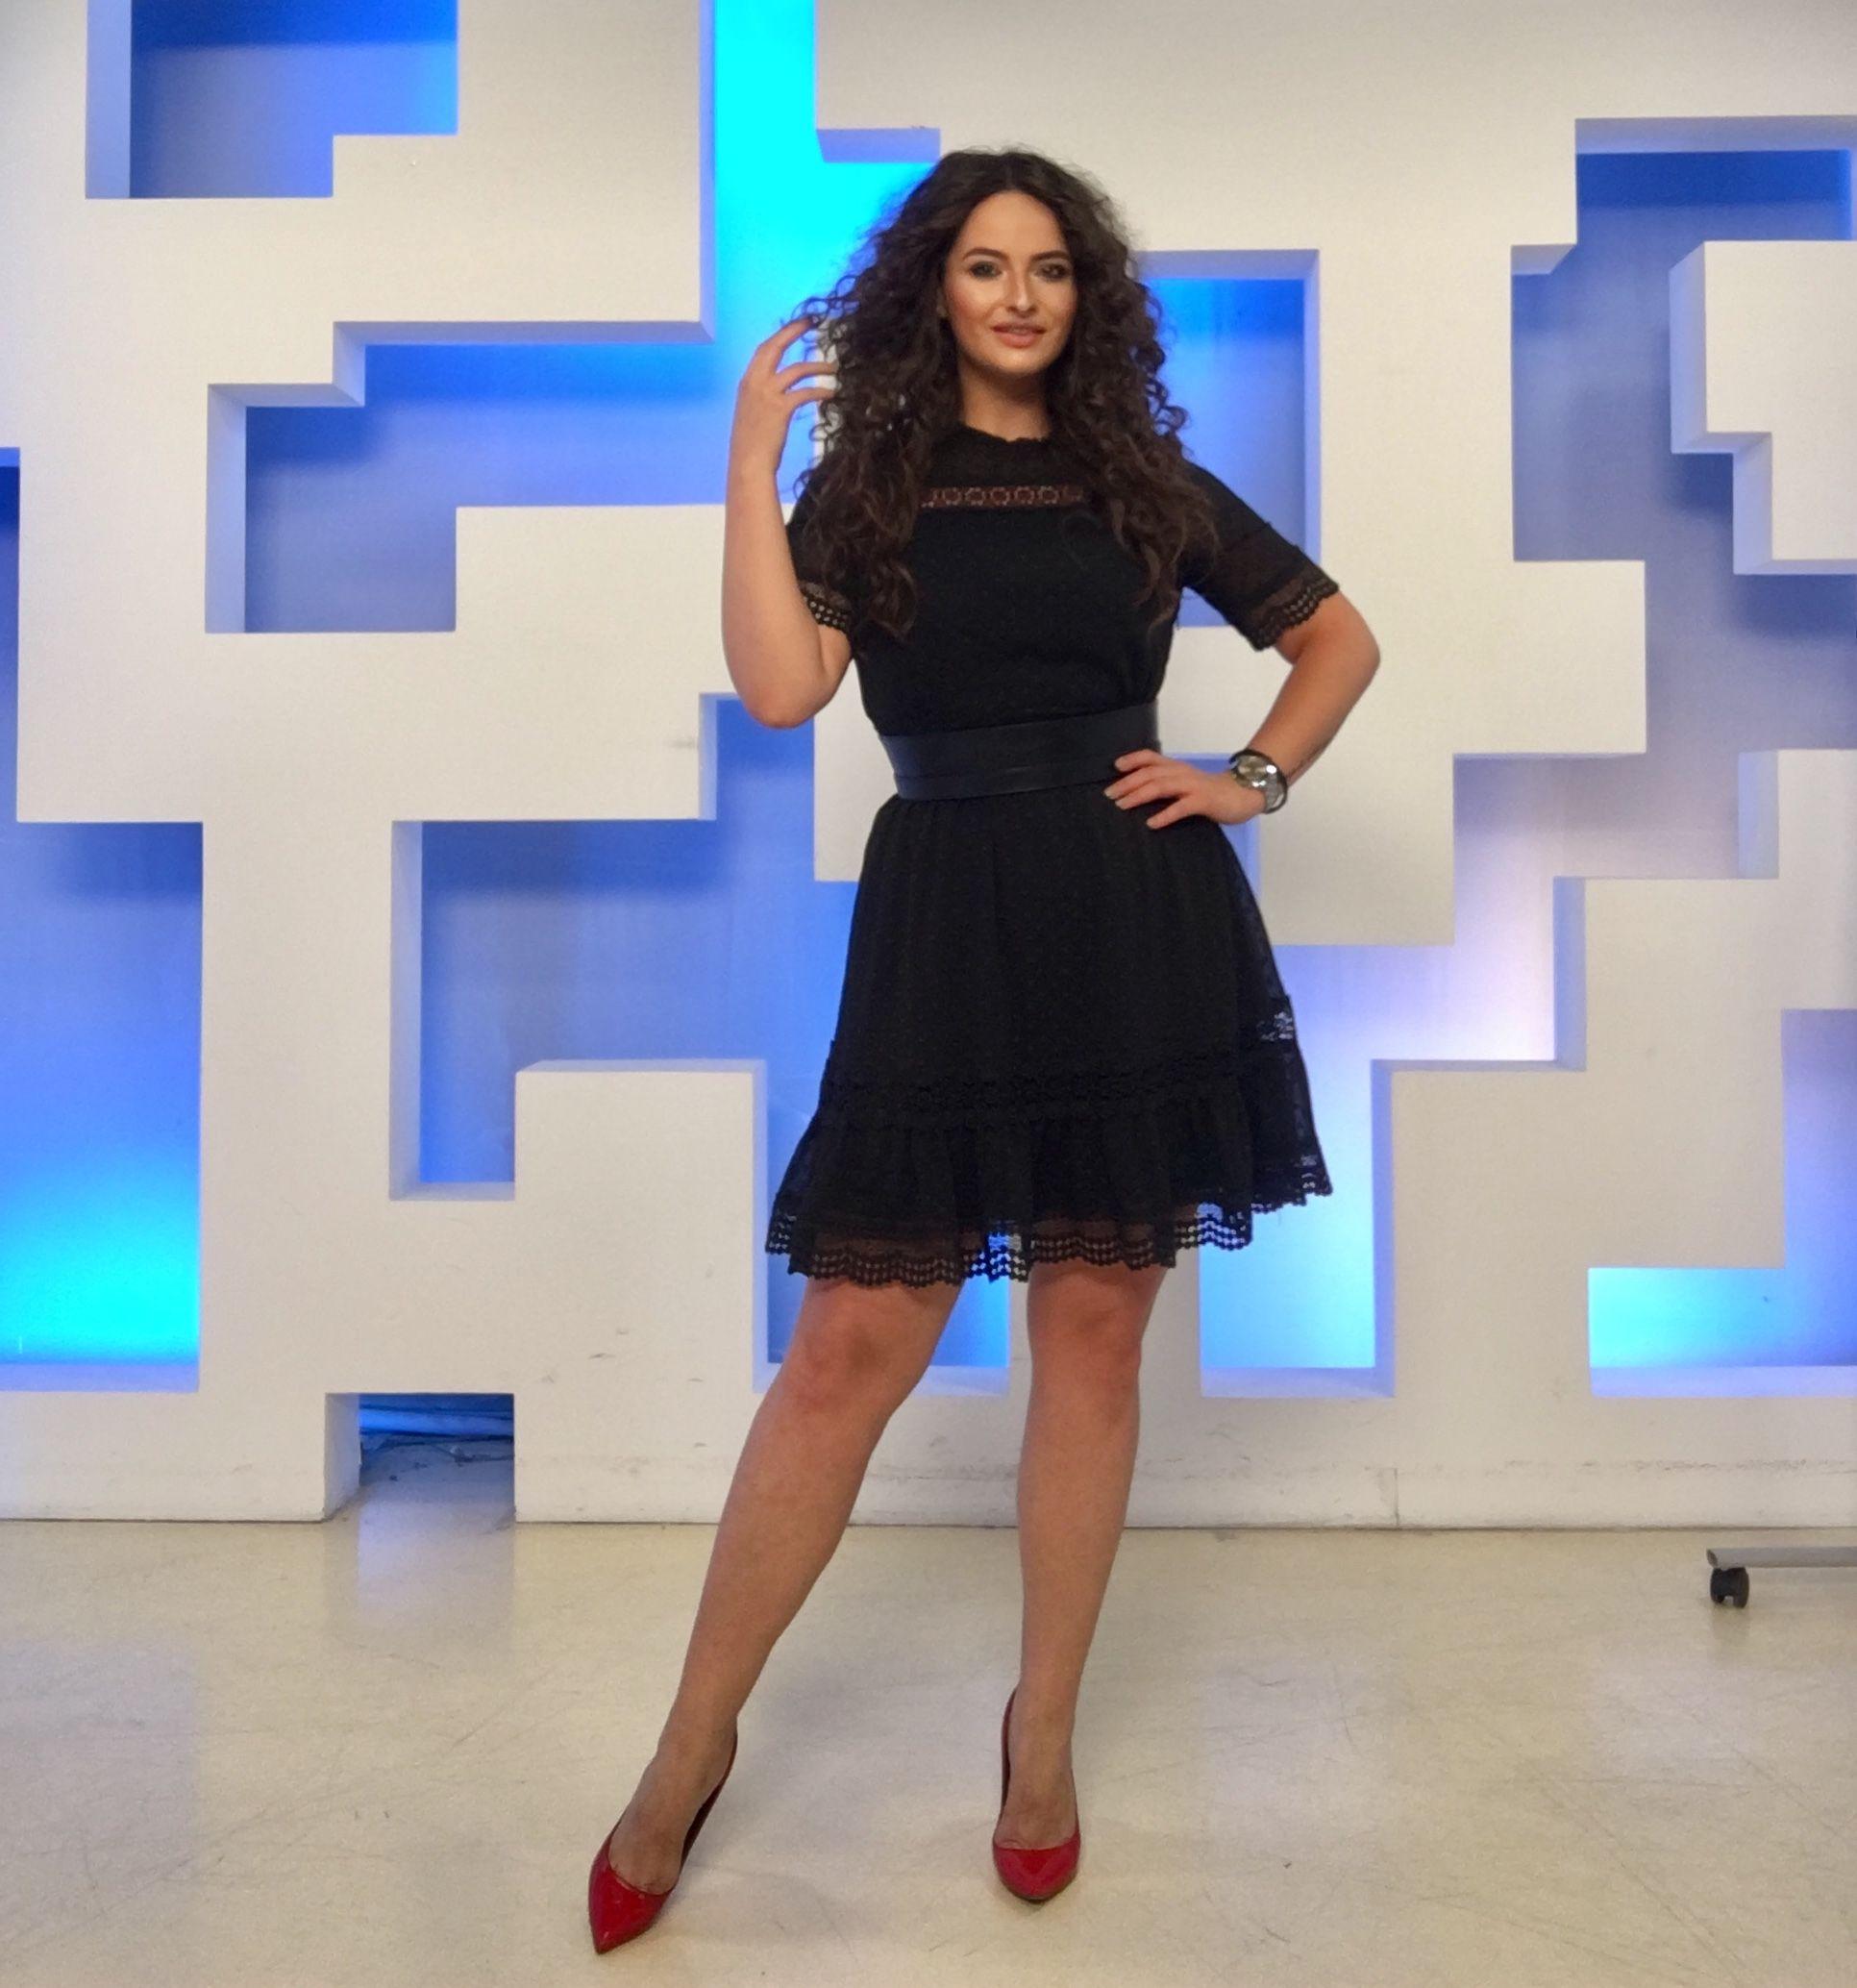 Sunați La 1204 Pentru A Intra In Direct La Câștigați Acum Adelalupse Tv Host Television Castigatiacum Tv Black Dress Fashion Little Black Dress